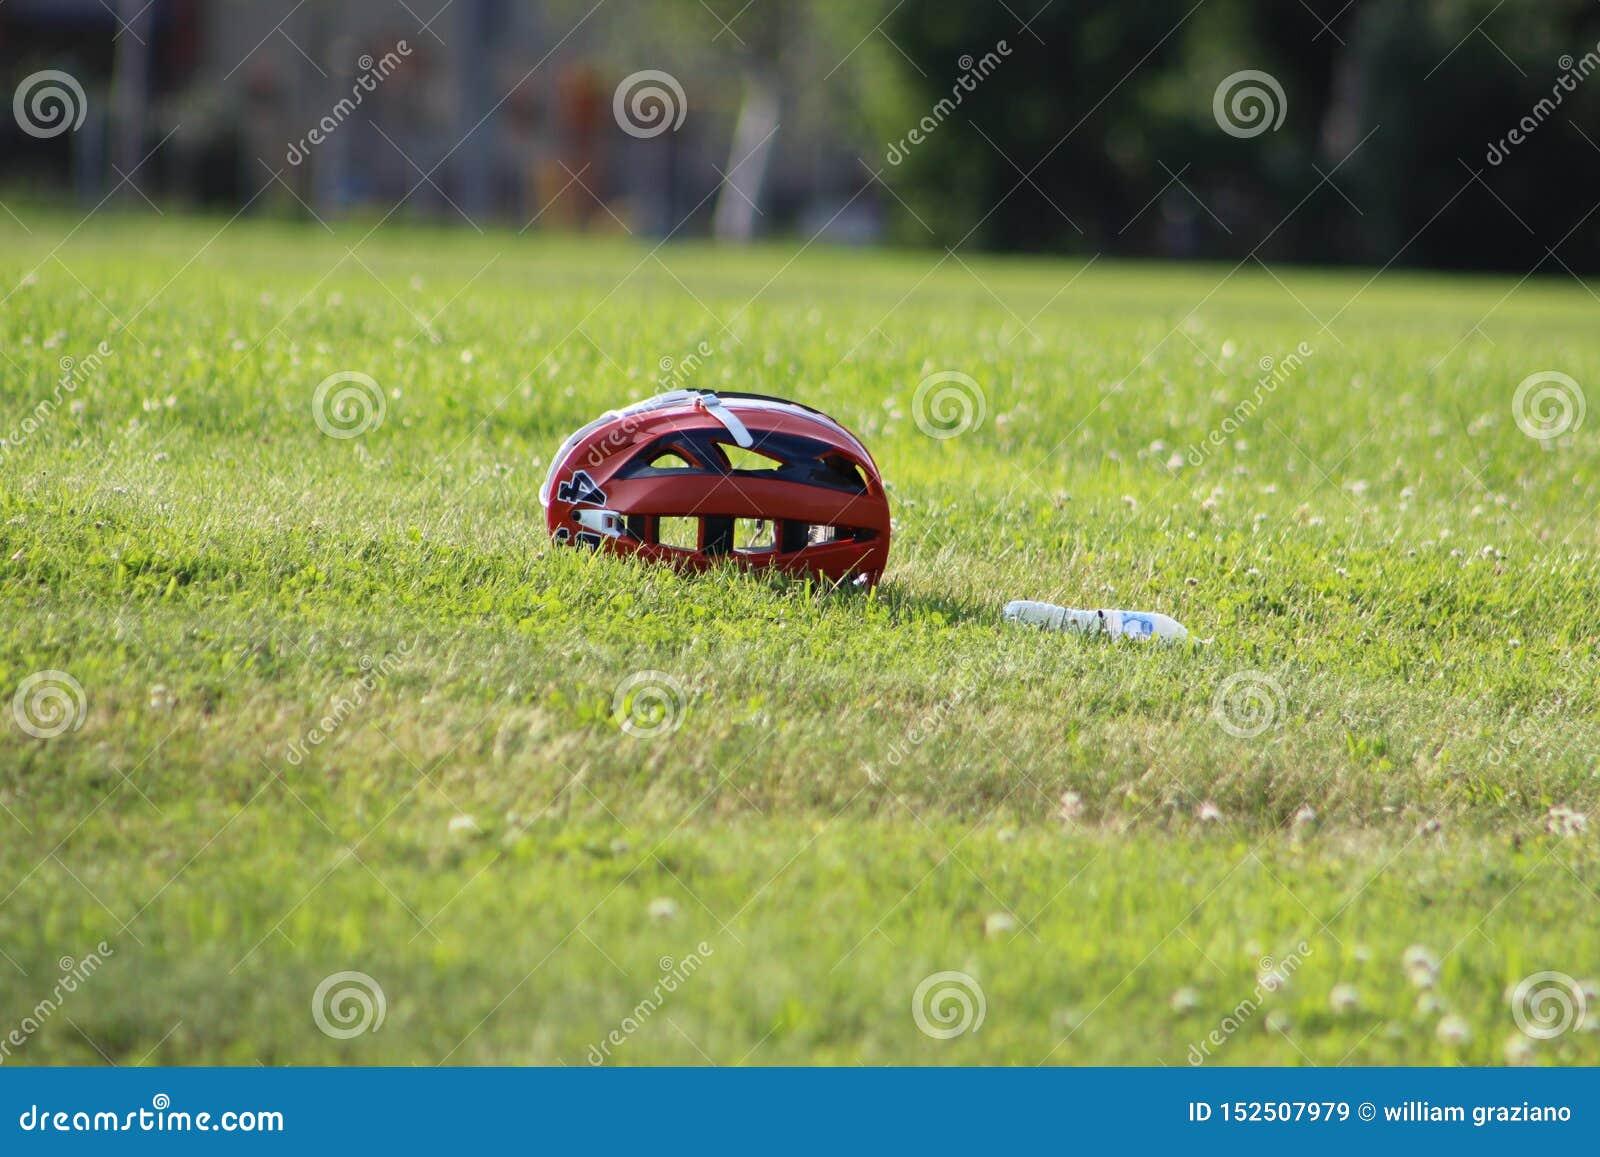 Lacrosse helmet on a grass field , with water bottle.